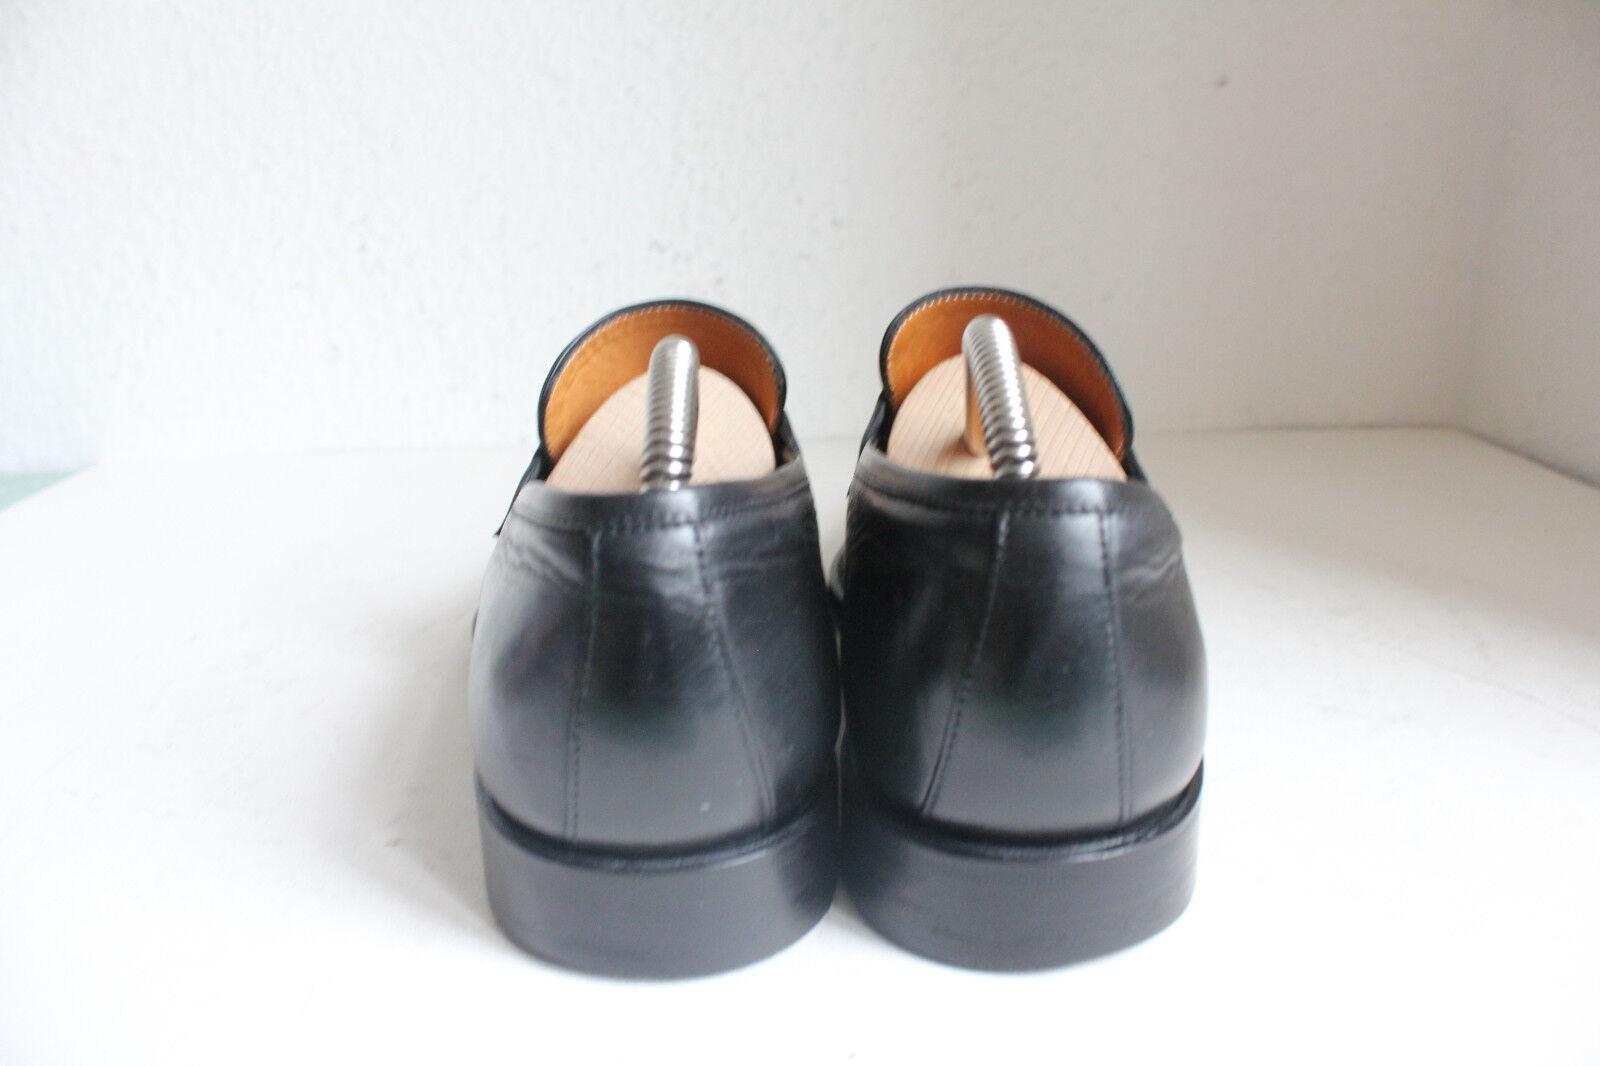 PRIME PRIME PRIME Schuhe Elegante Luxus Slipper Herenschuhe Voll Echtleder Schwarz Eu:43 f1e5a7